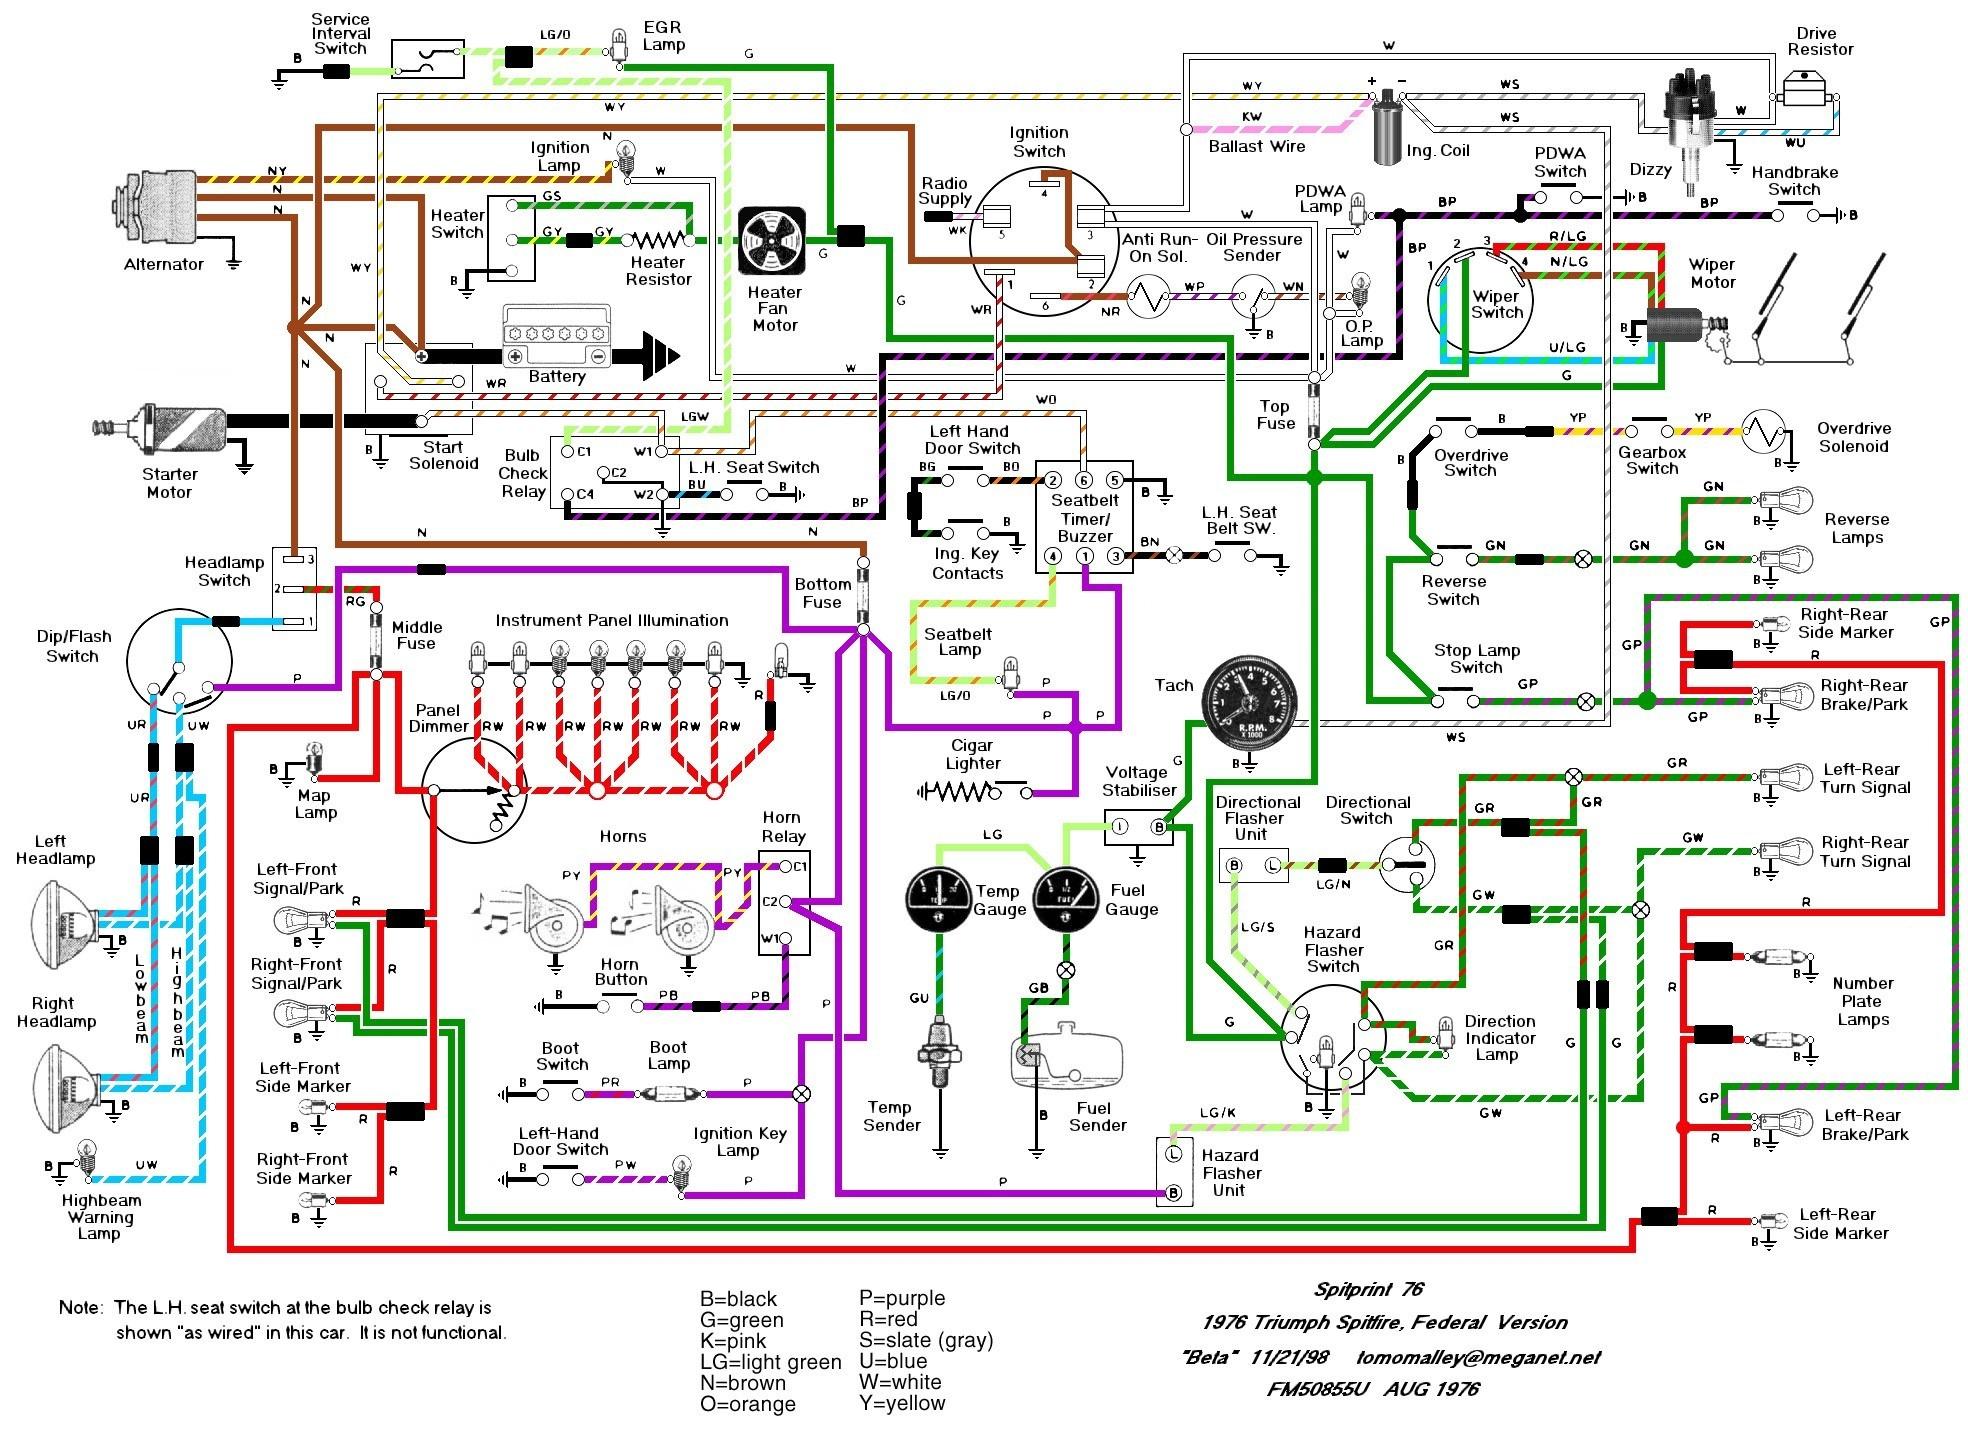 gem car wiring schematic Collection-gem electric cart wiring diagram free wiring diagram wire rh dododeli co 17-h